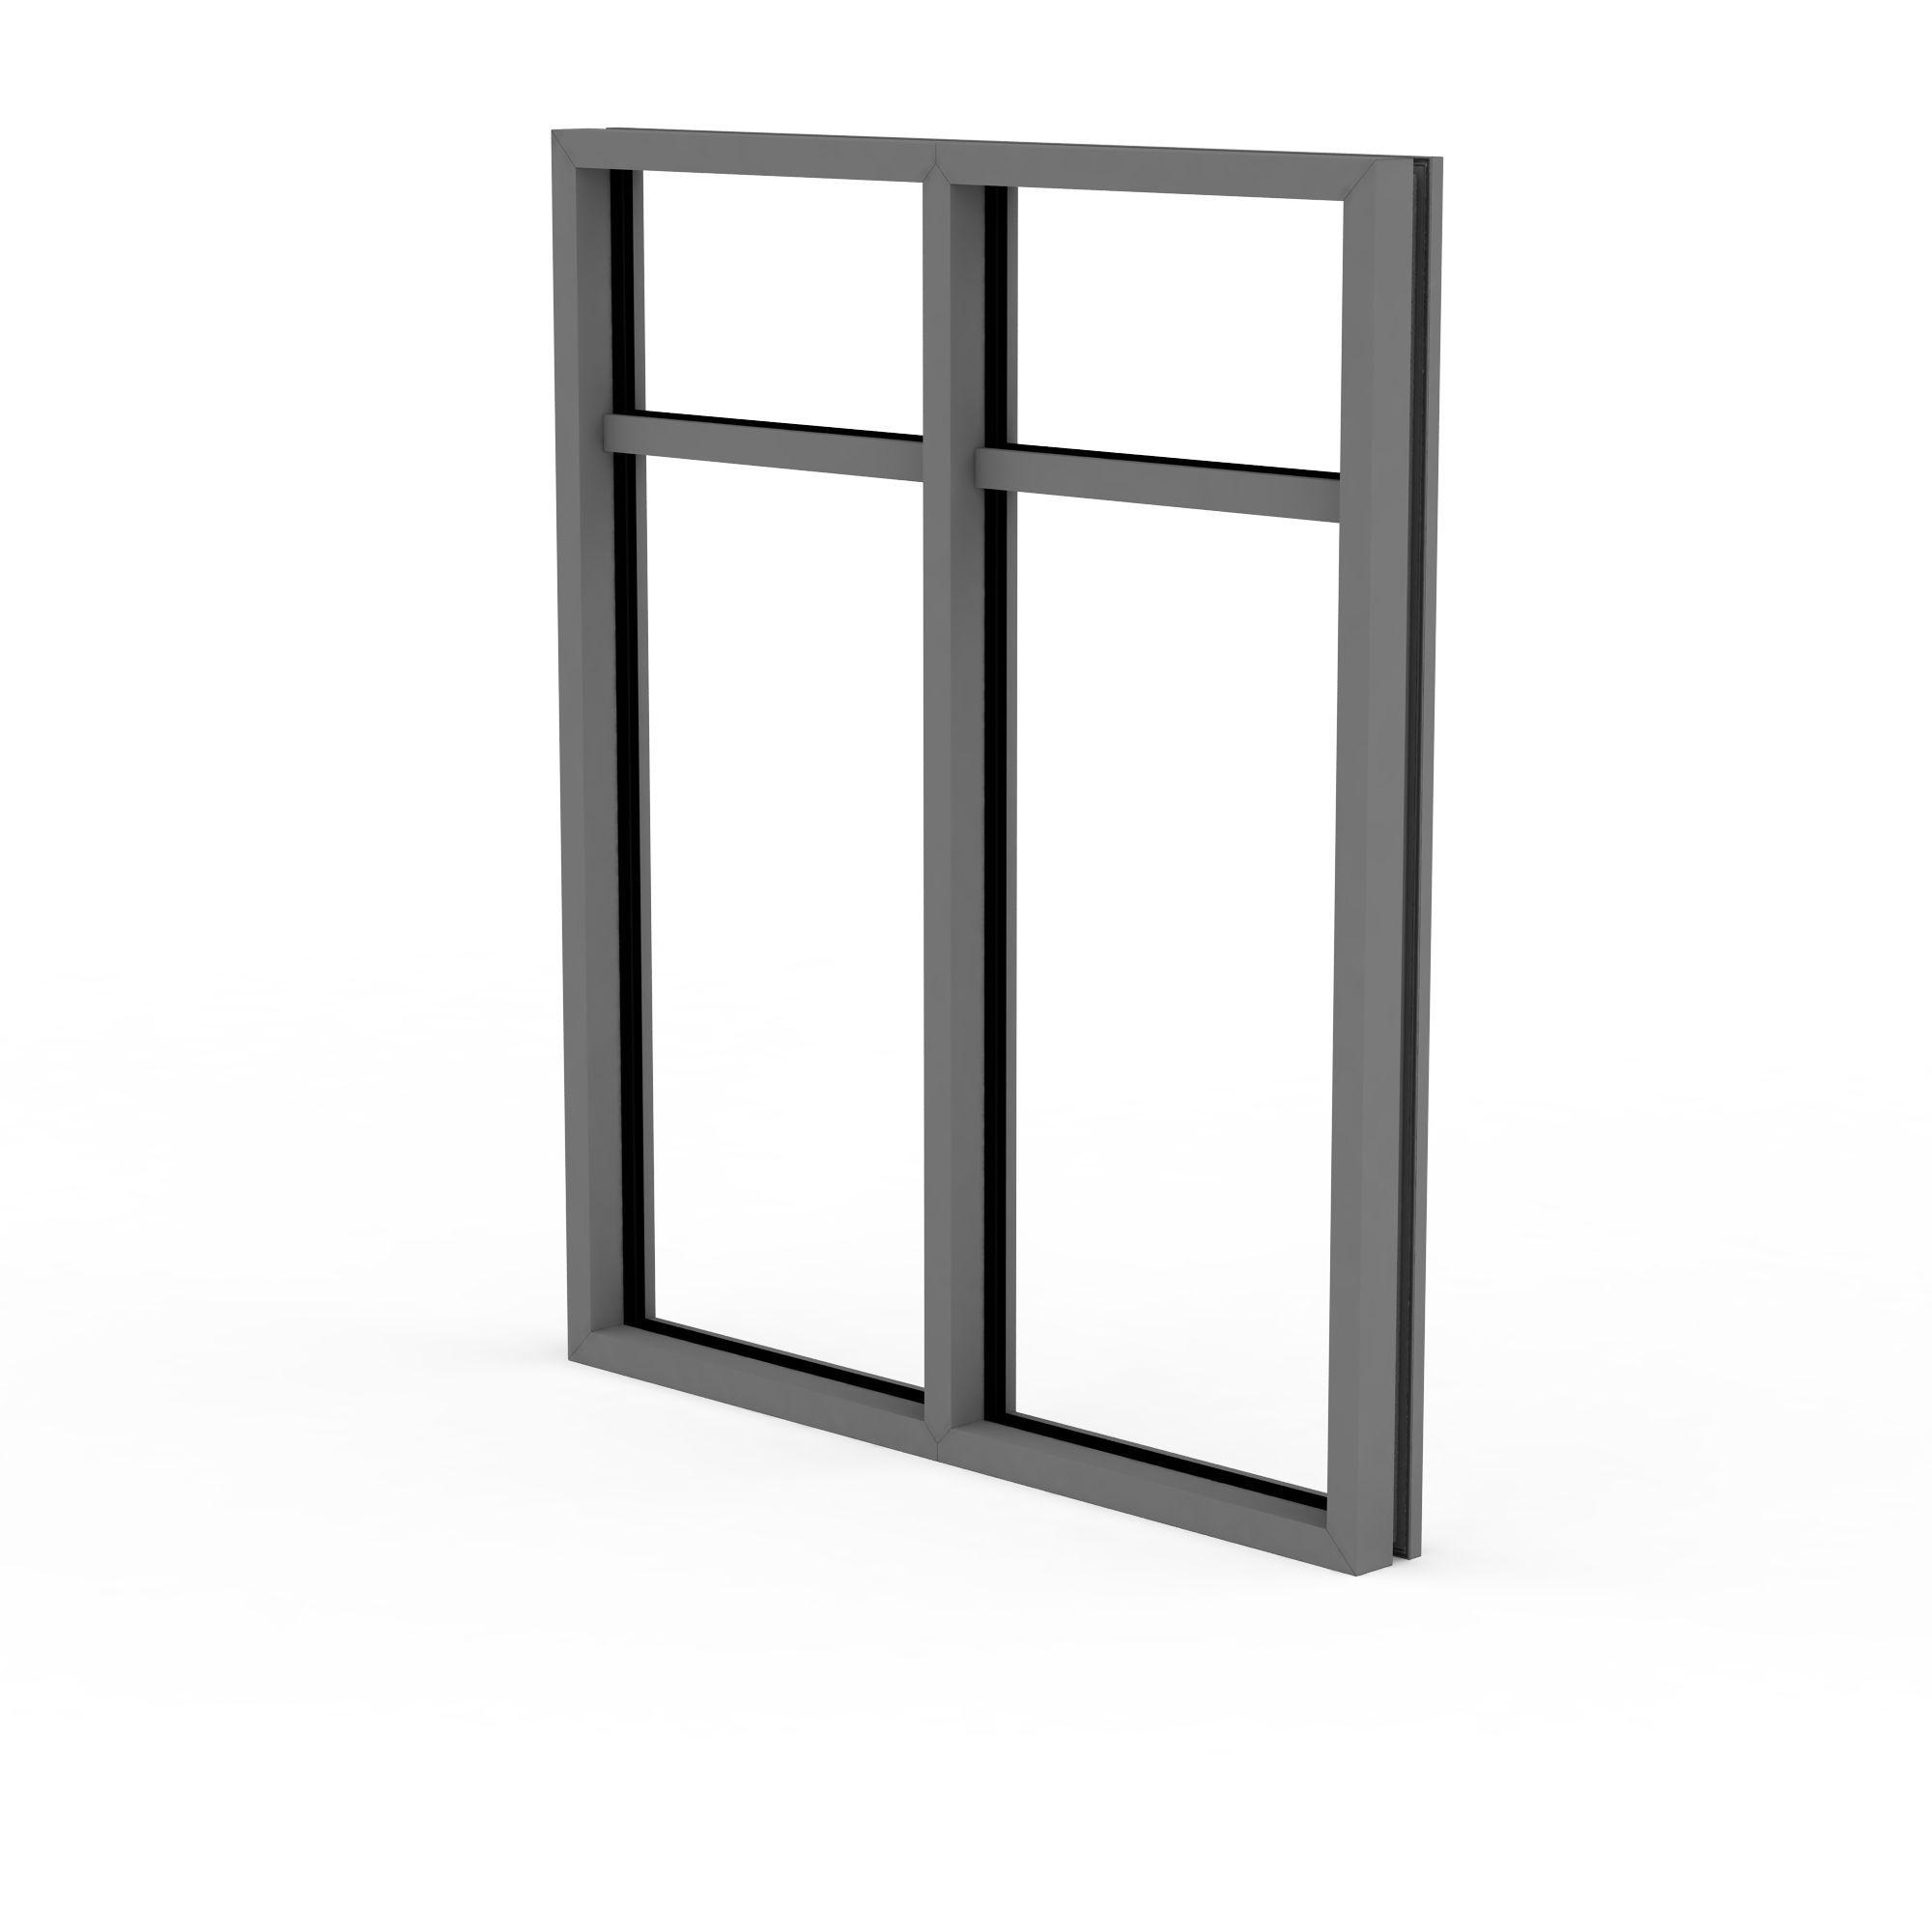 灰色木质窗高清图下载